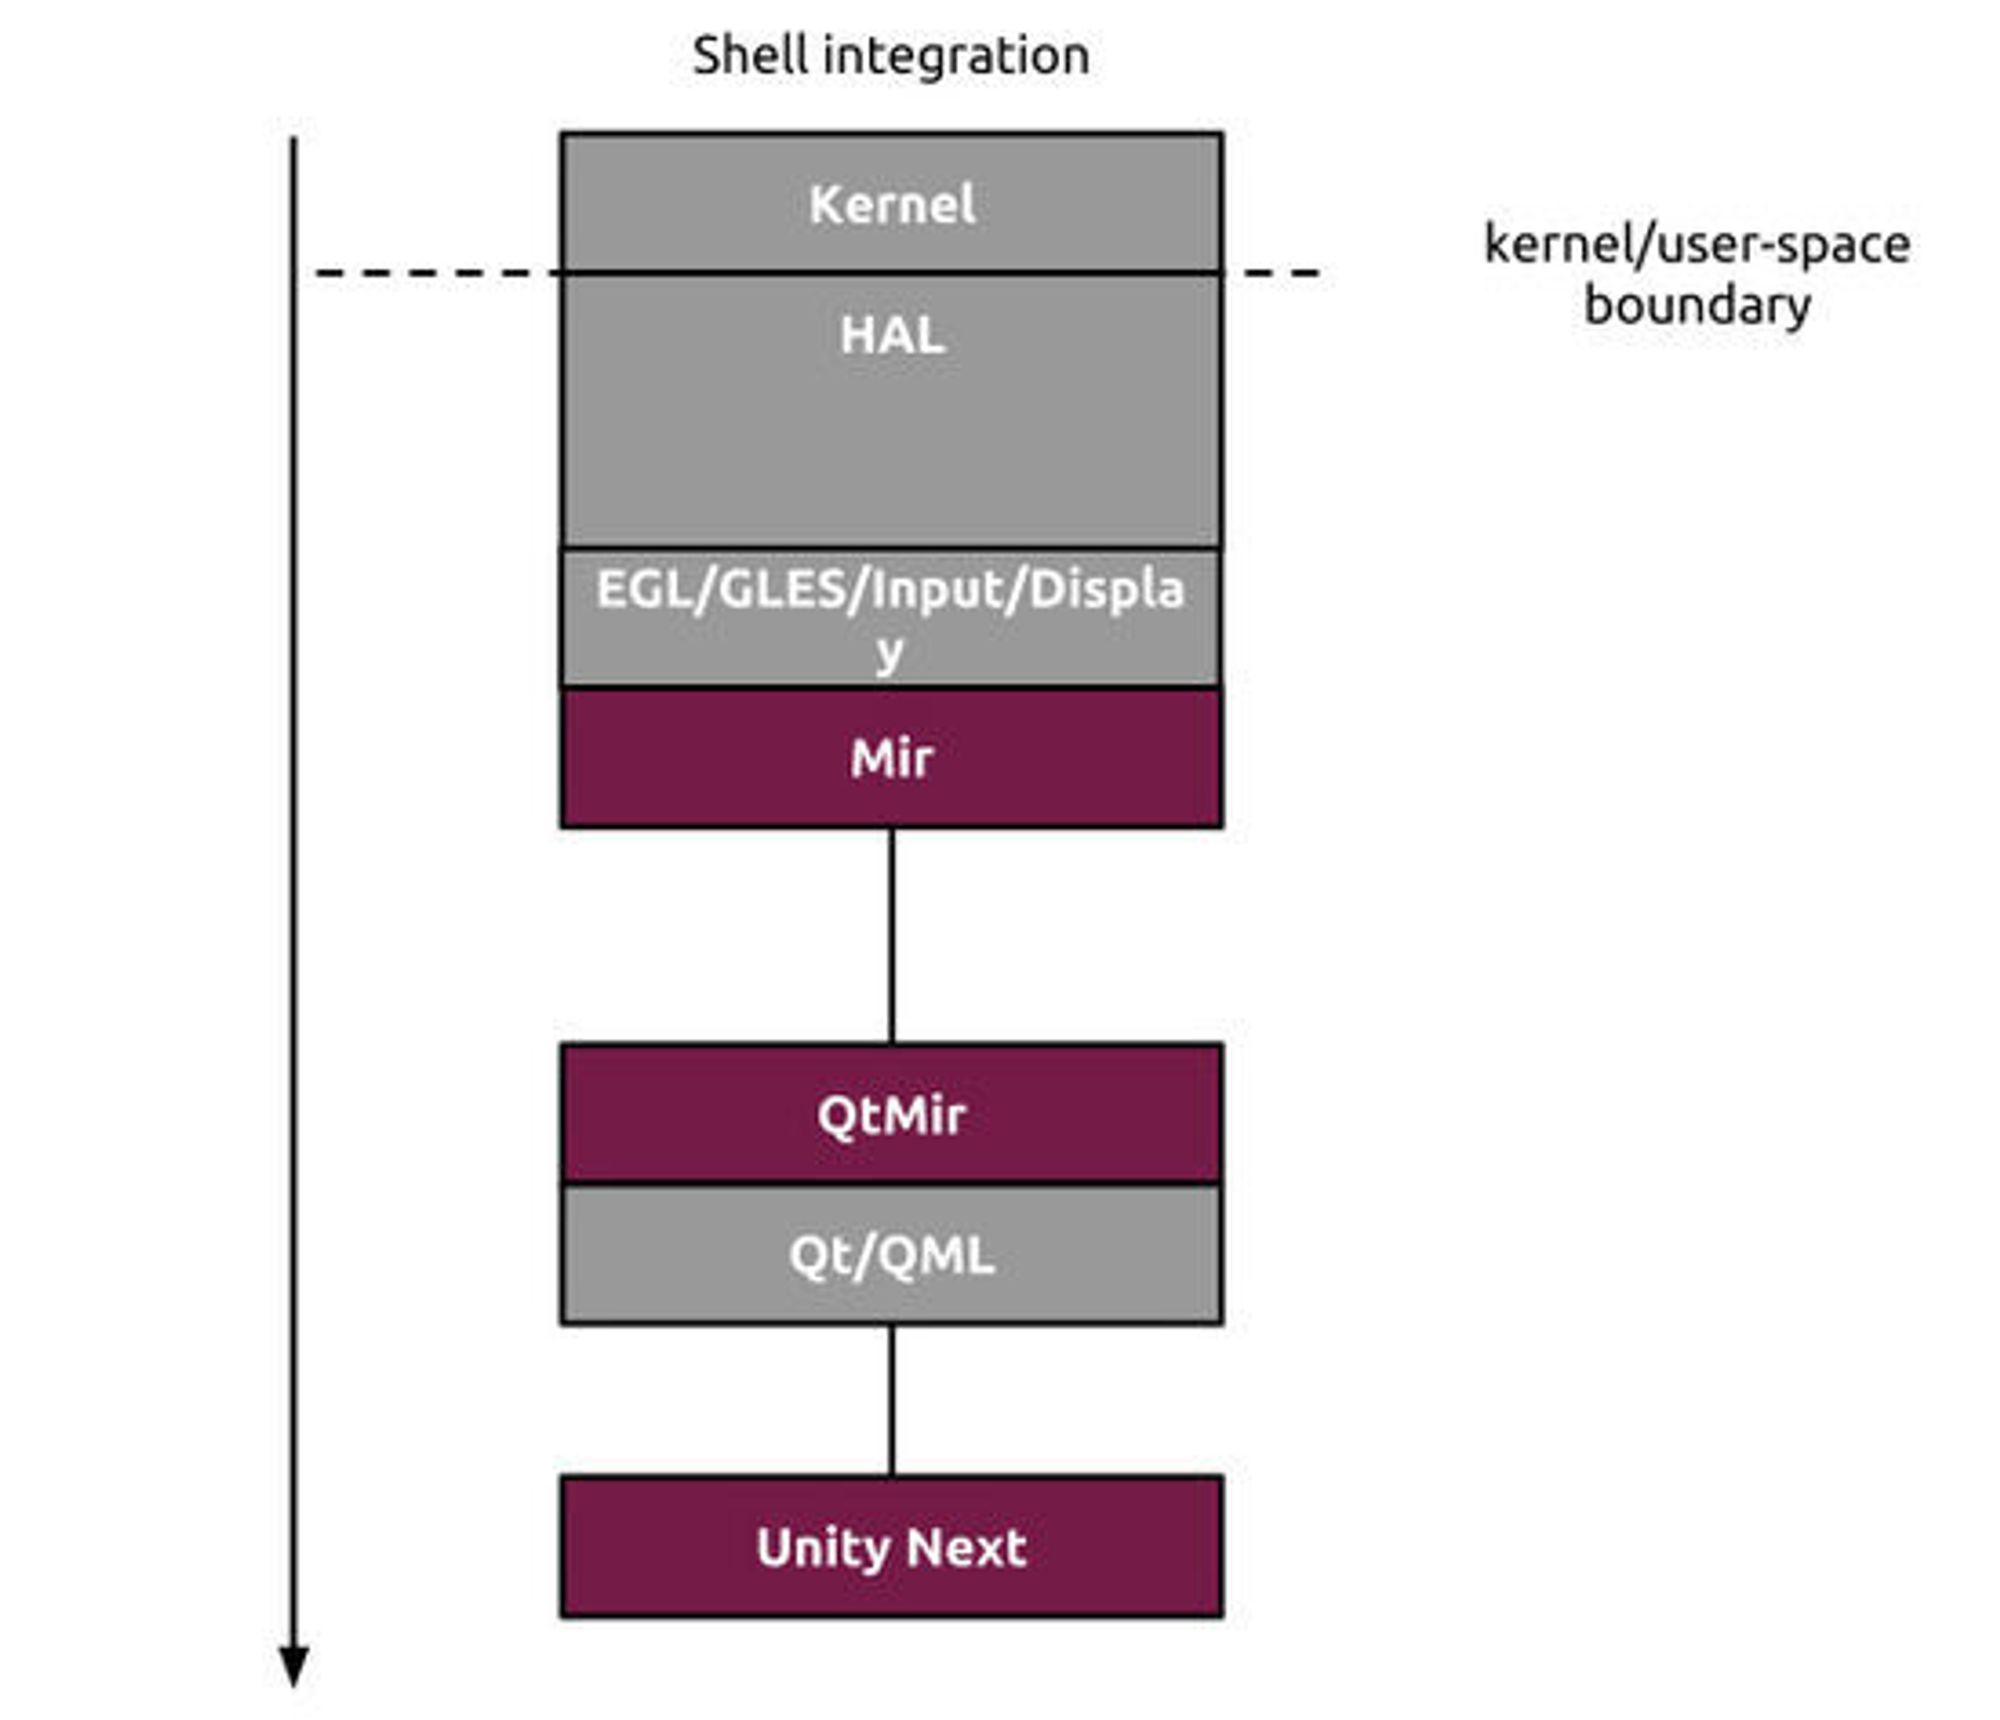 Oversikt over integrasjonen mellom de ulike lagene mellom Linux-kjernen og brukergrensesnittet Unity Next.